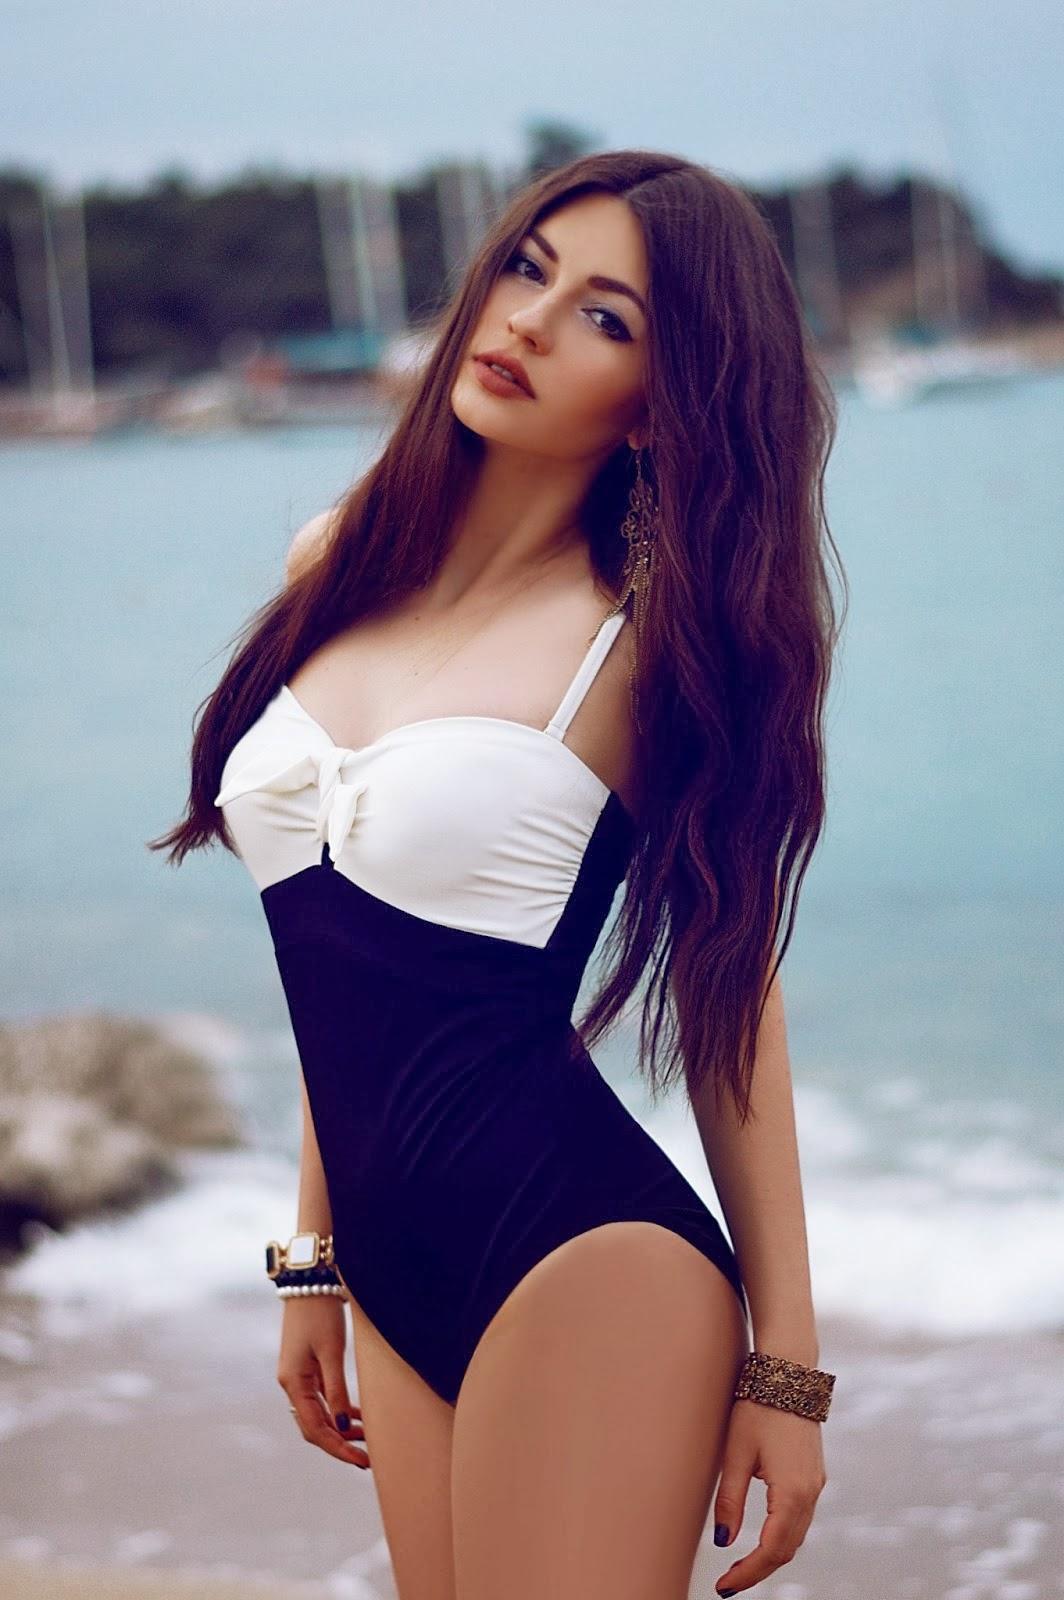 Самые красивые девушки москвы 2 фотография